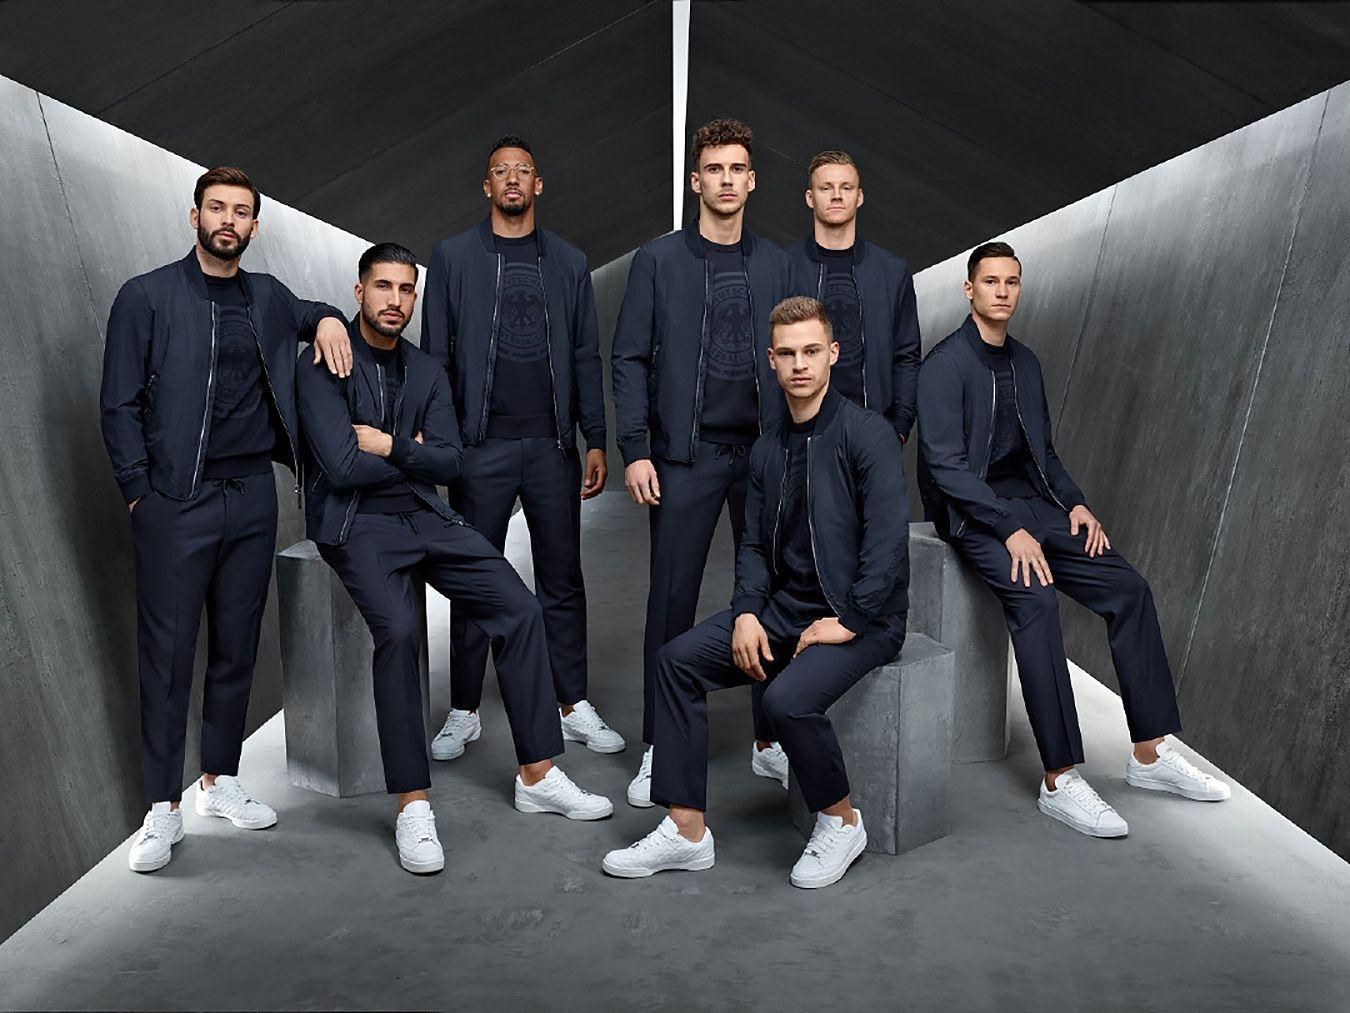 Hugo Boss / Deutsche Fussballnationalmannschaft